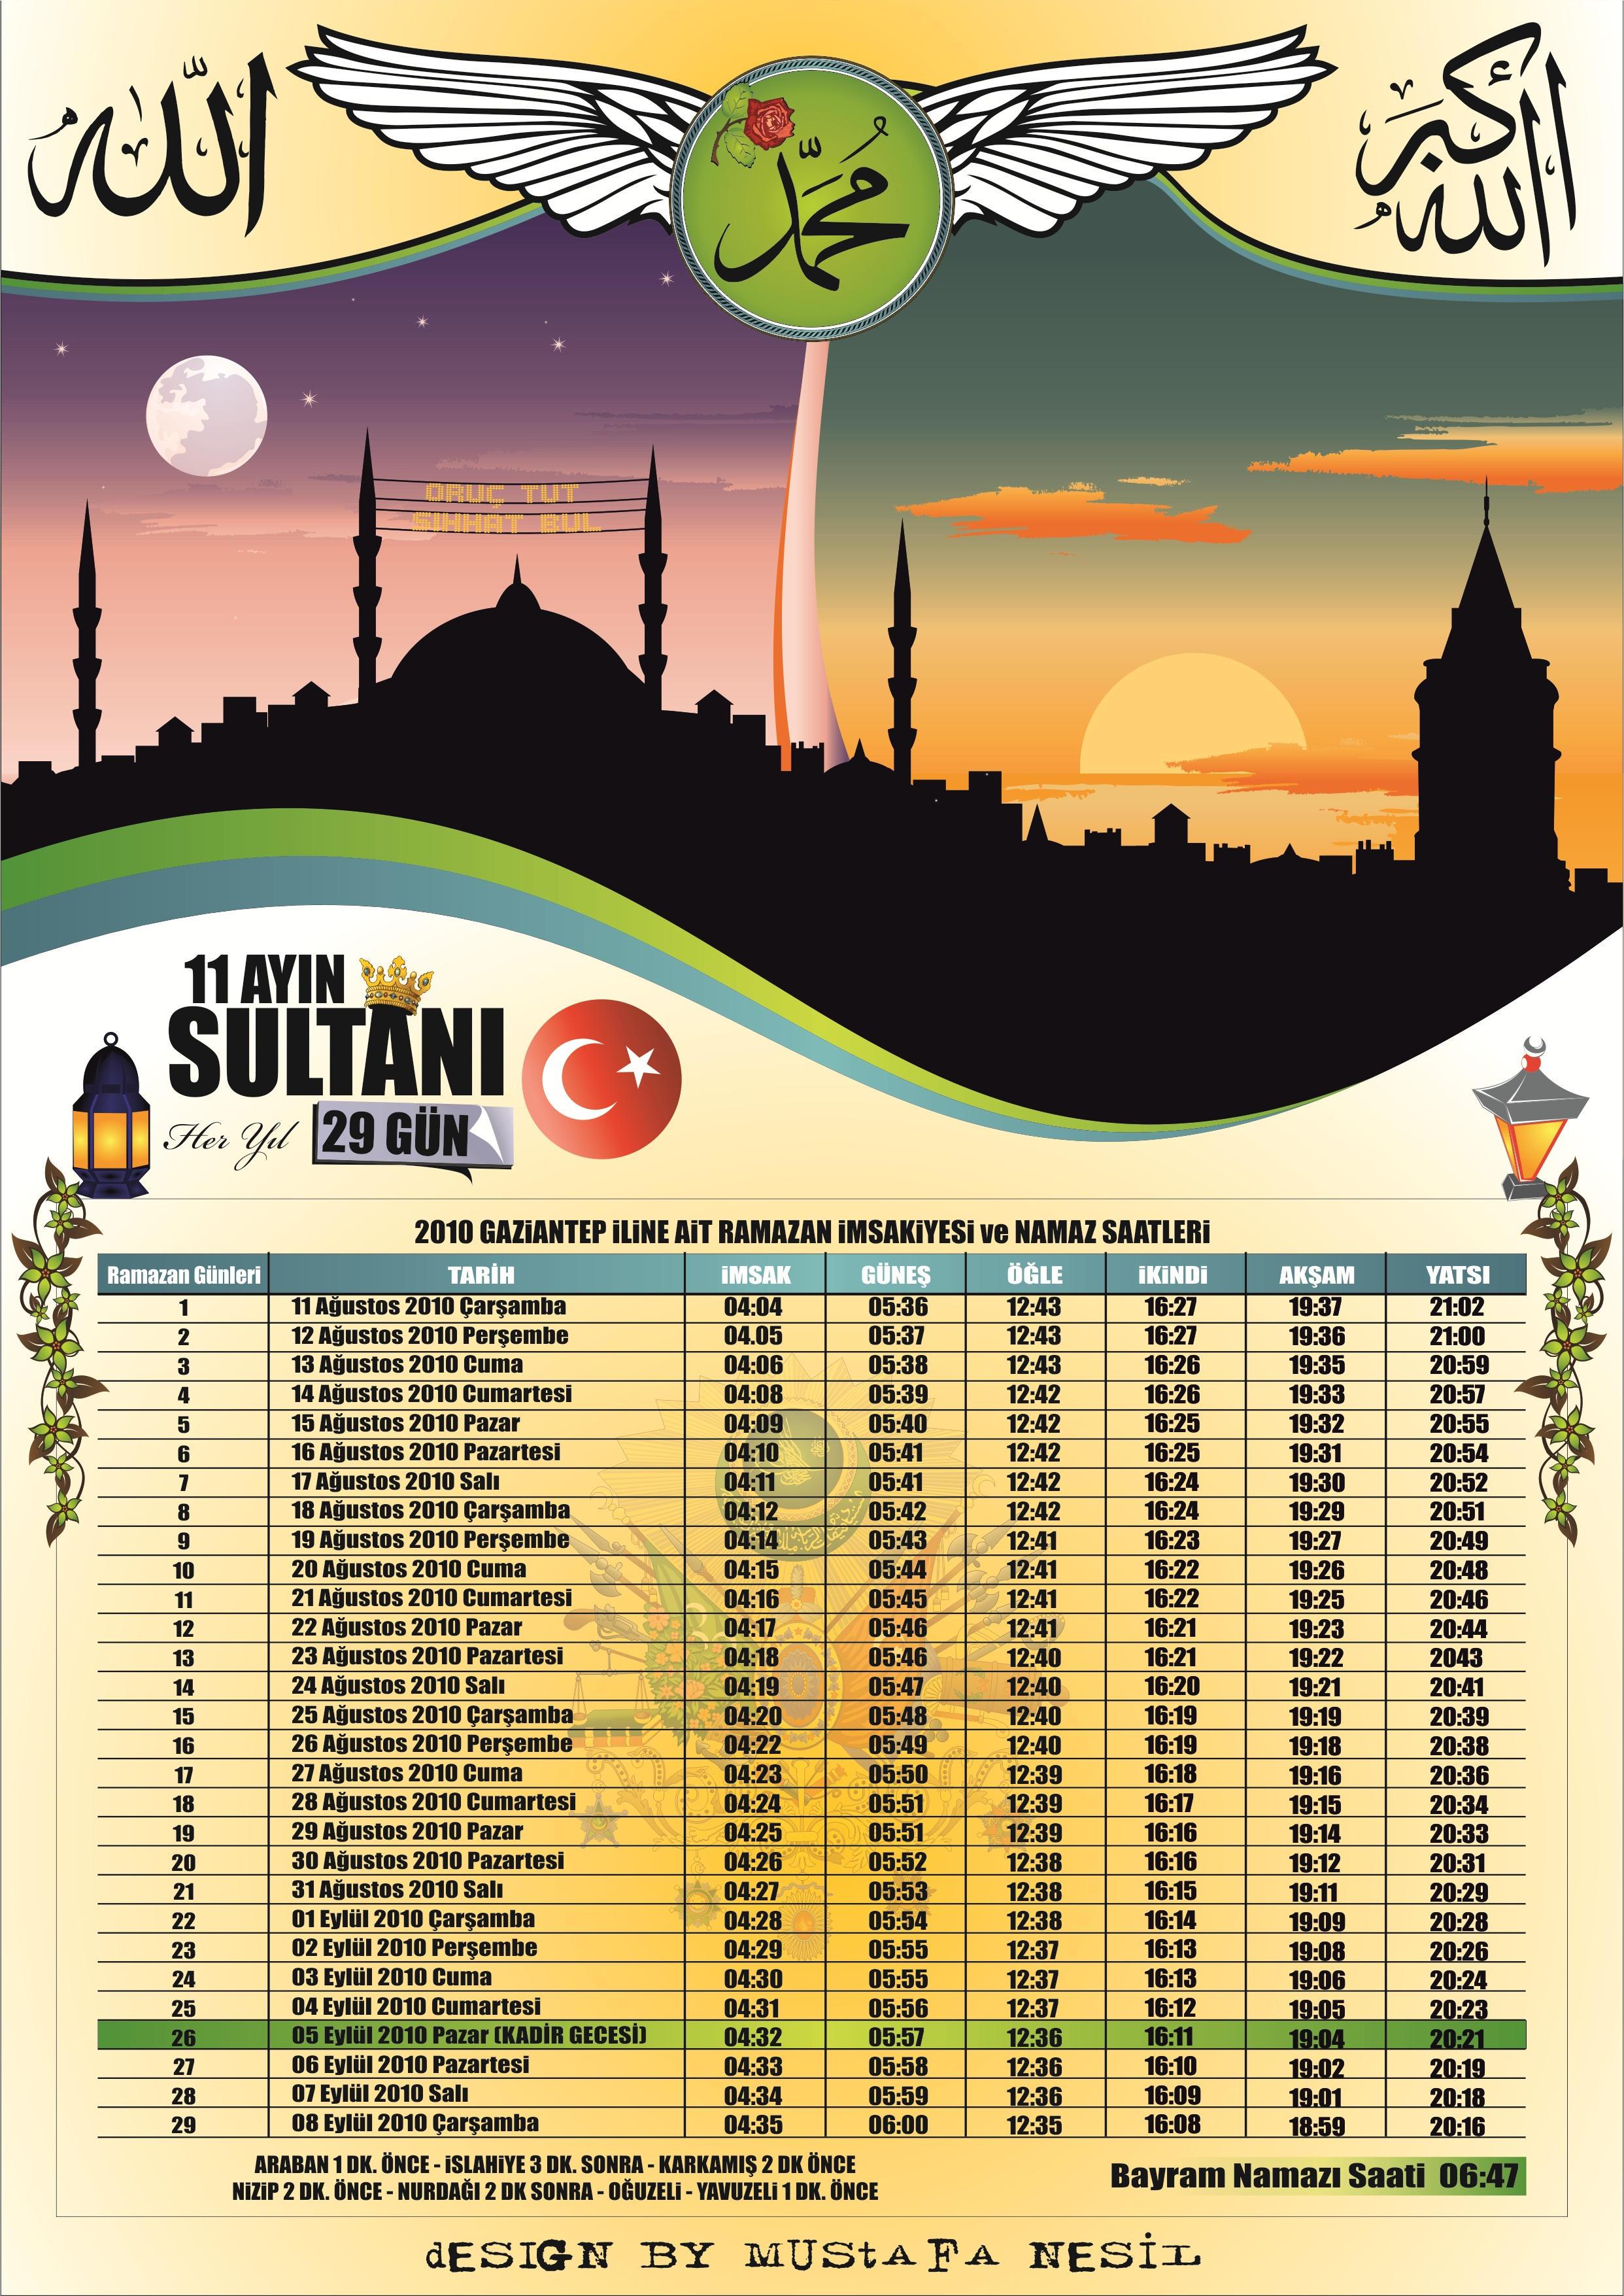 Ramazan imsakiye